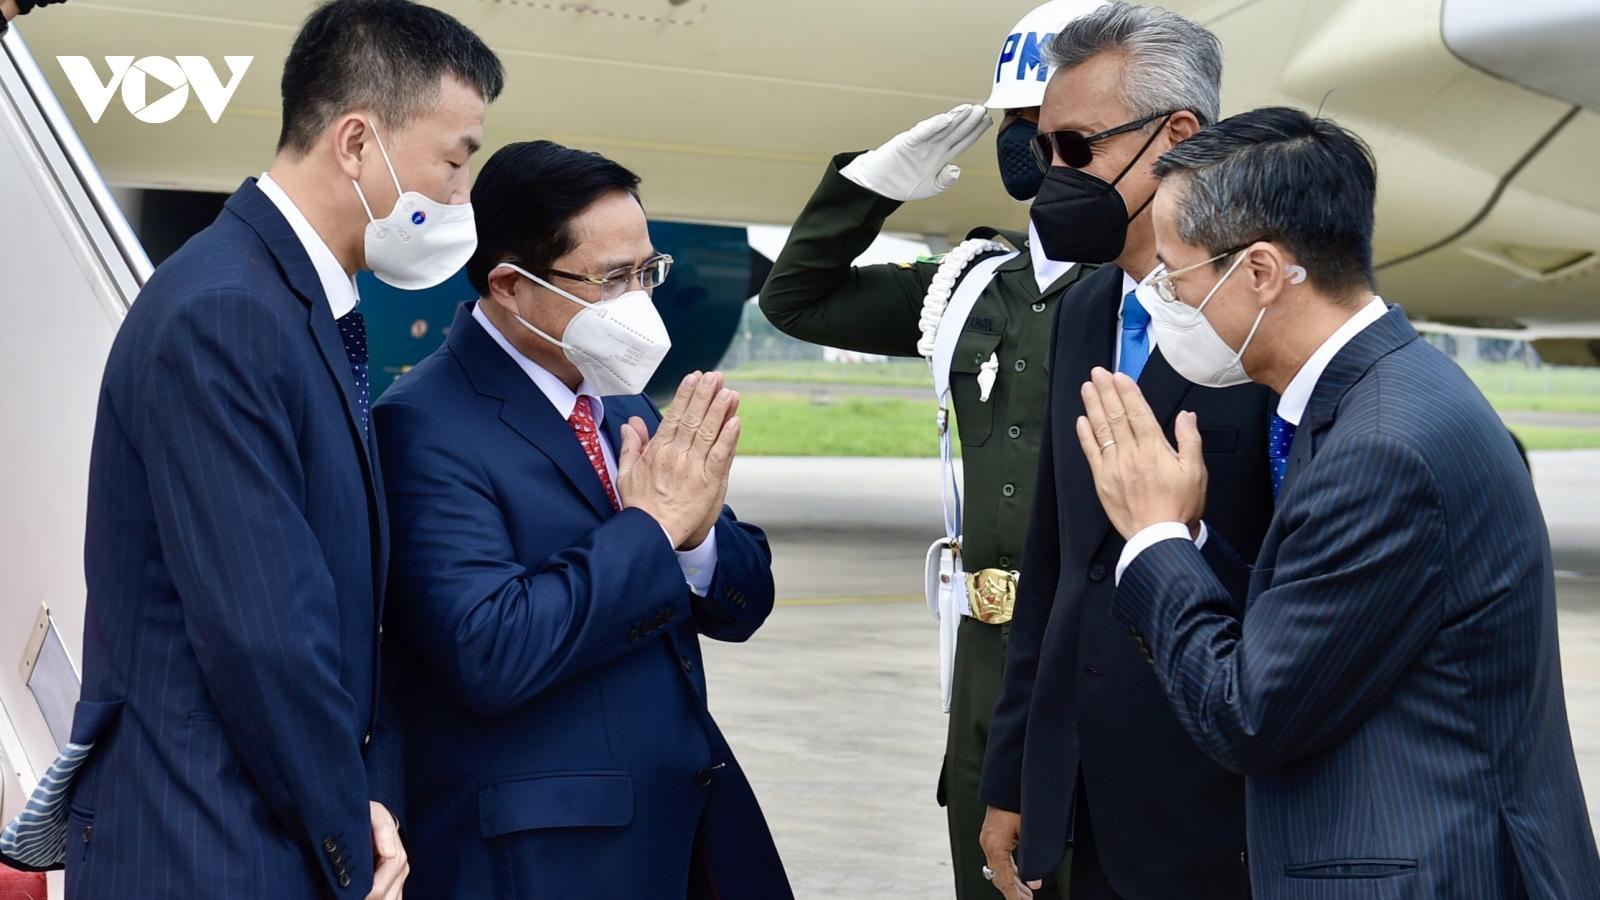 Thủ tướng Phạm Minh Chính tới Indonesia tham dự Hội nghị các Nhà Lãnh đạo ASEAN